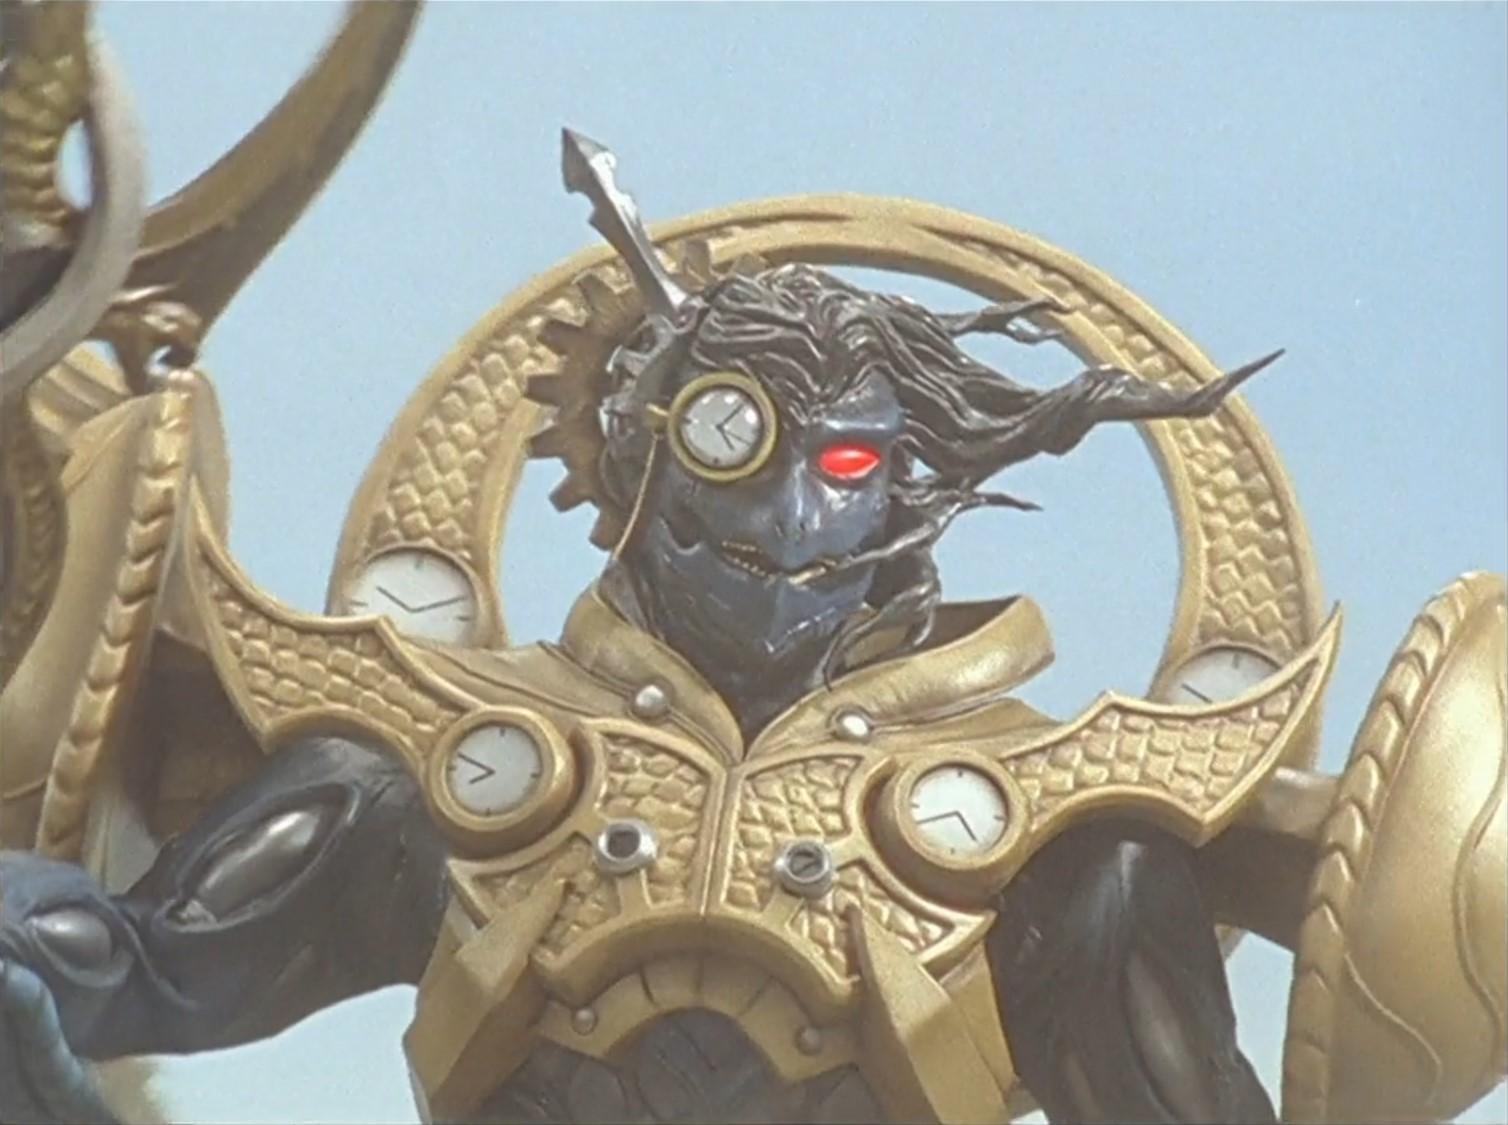 File:Giant Time Demon God Chronos.jpg